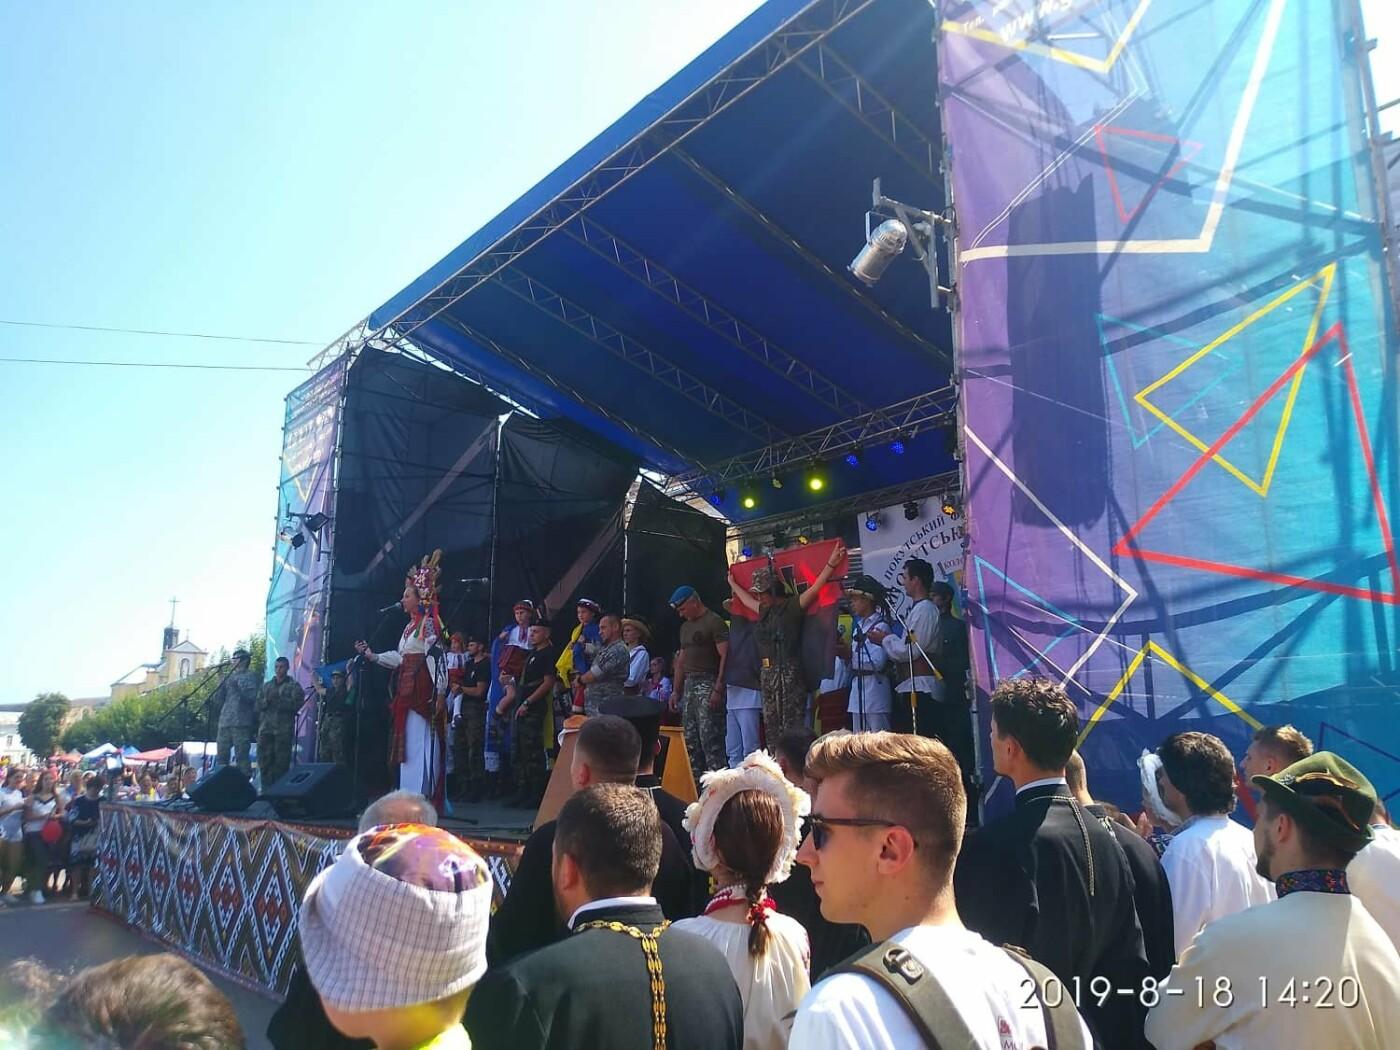 Покутські джерела. Коломия приймає ювілейний фестиваль , фото-6